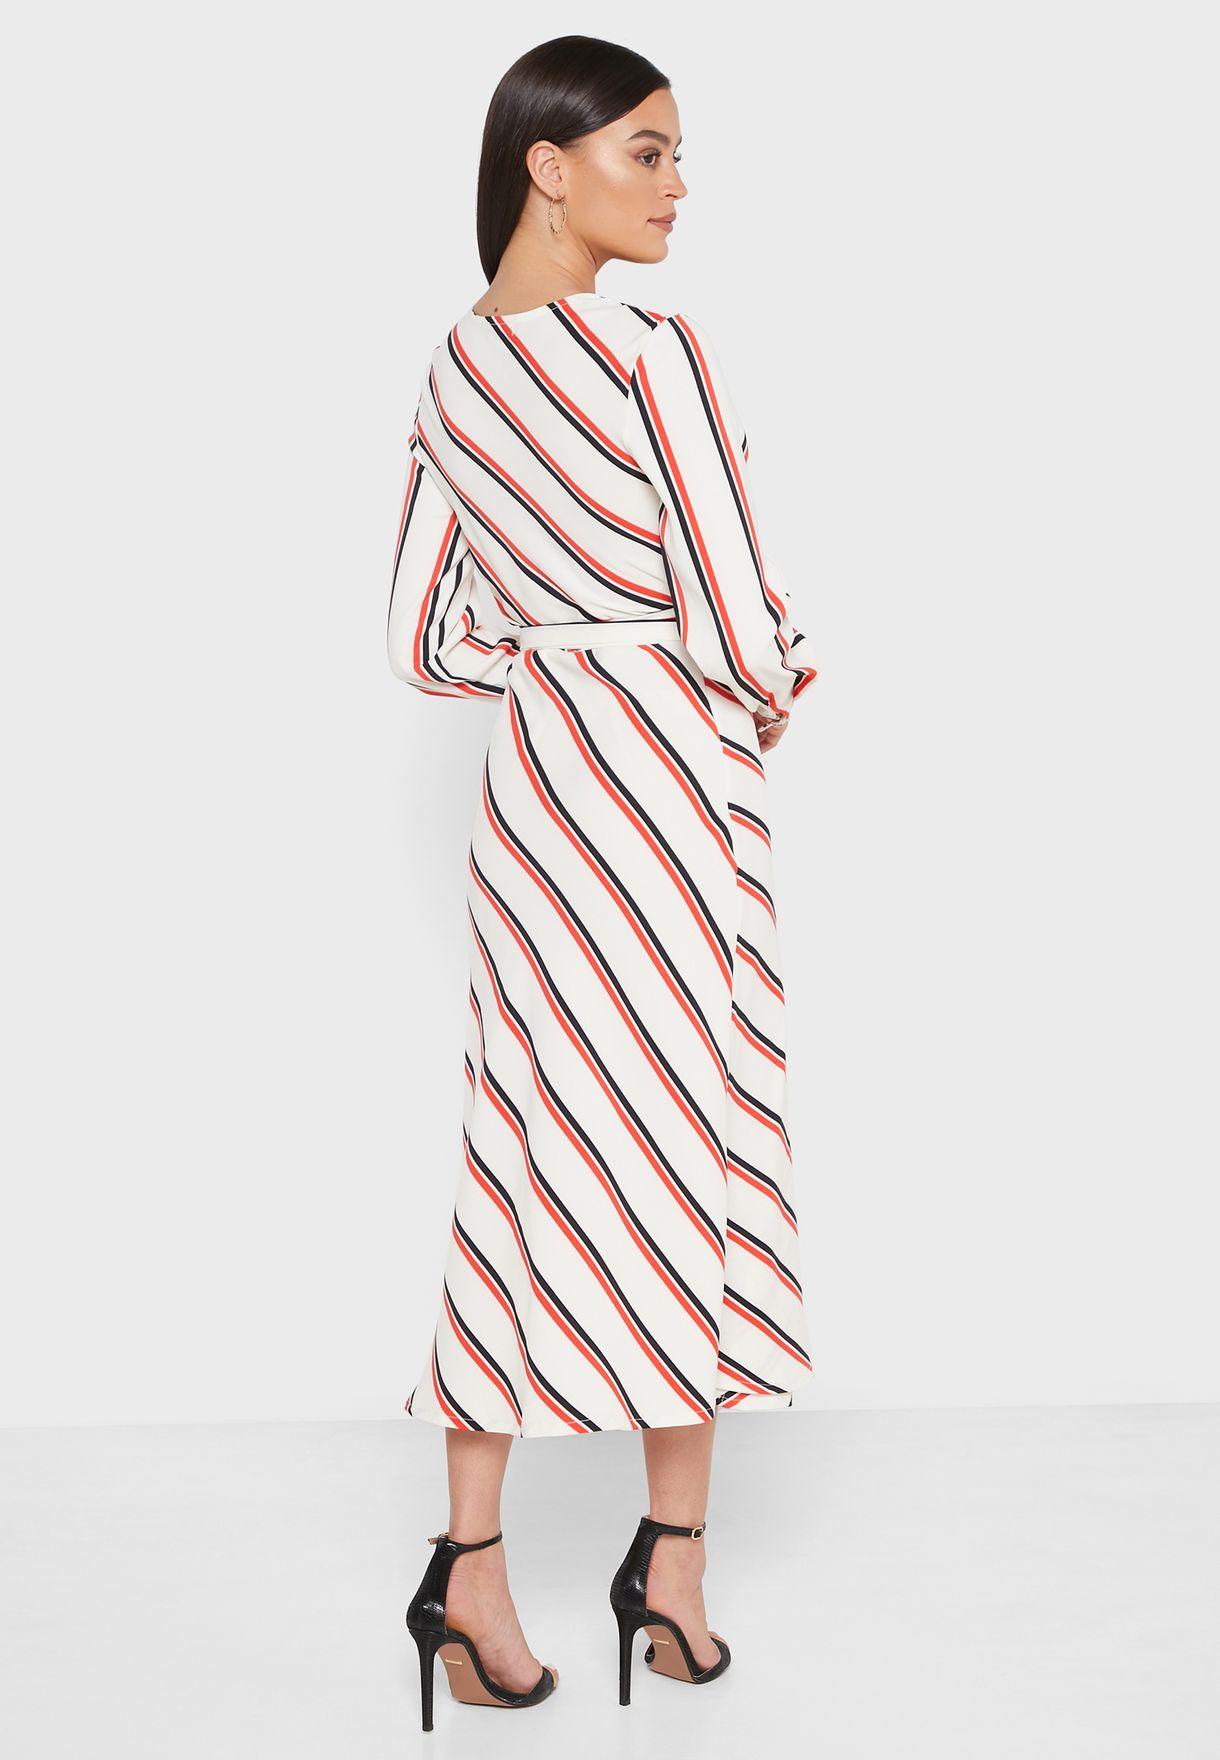 فستان بنمط لف مع طبعات خطوط